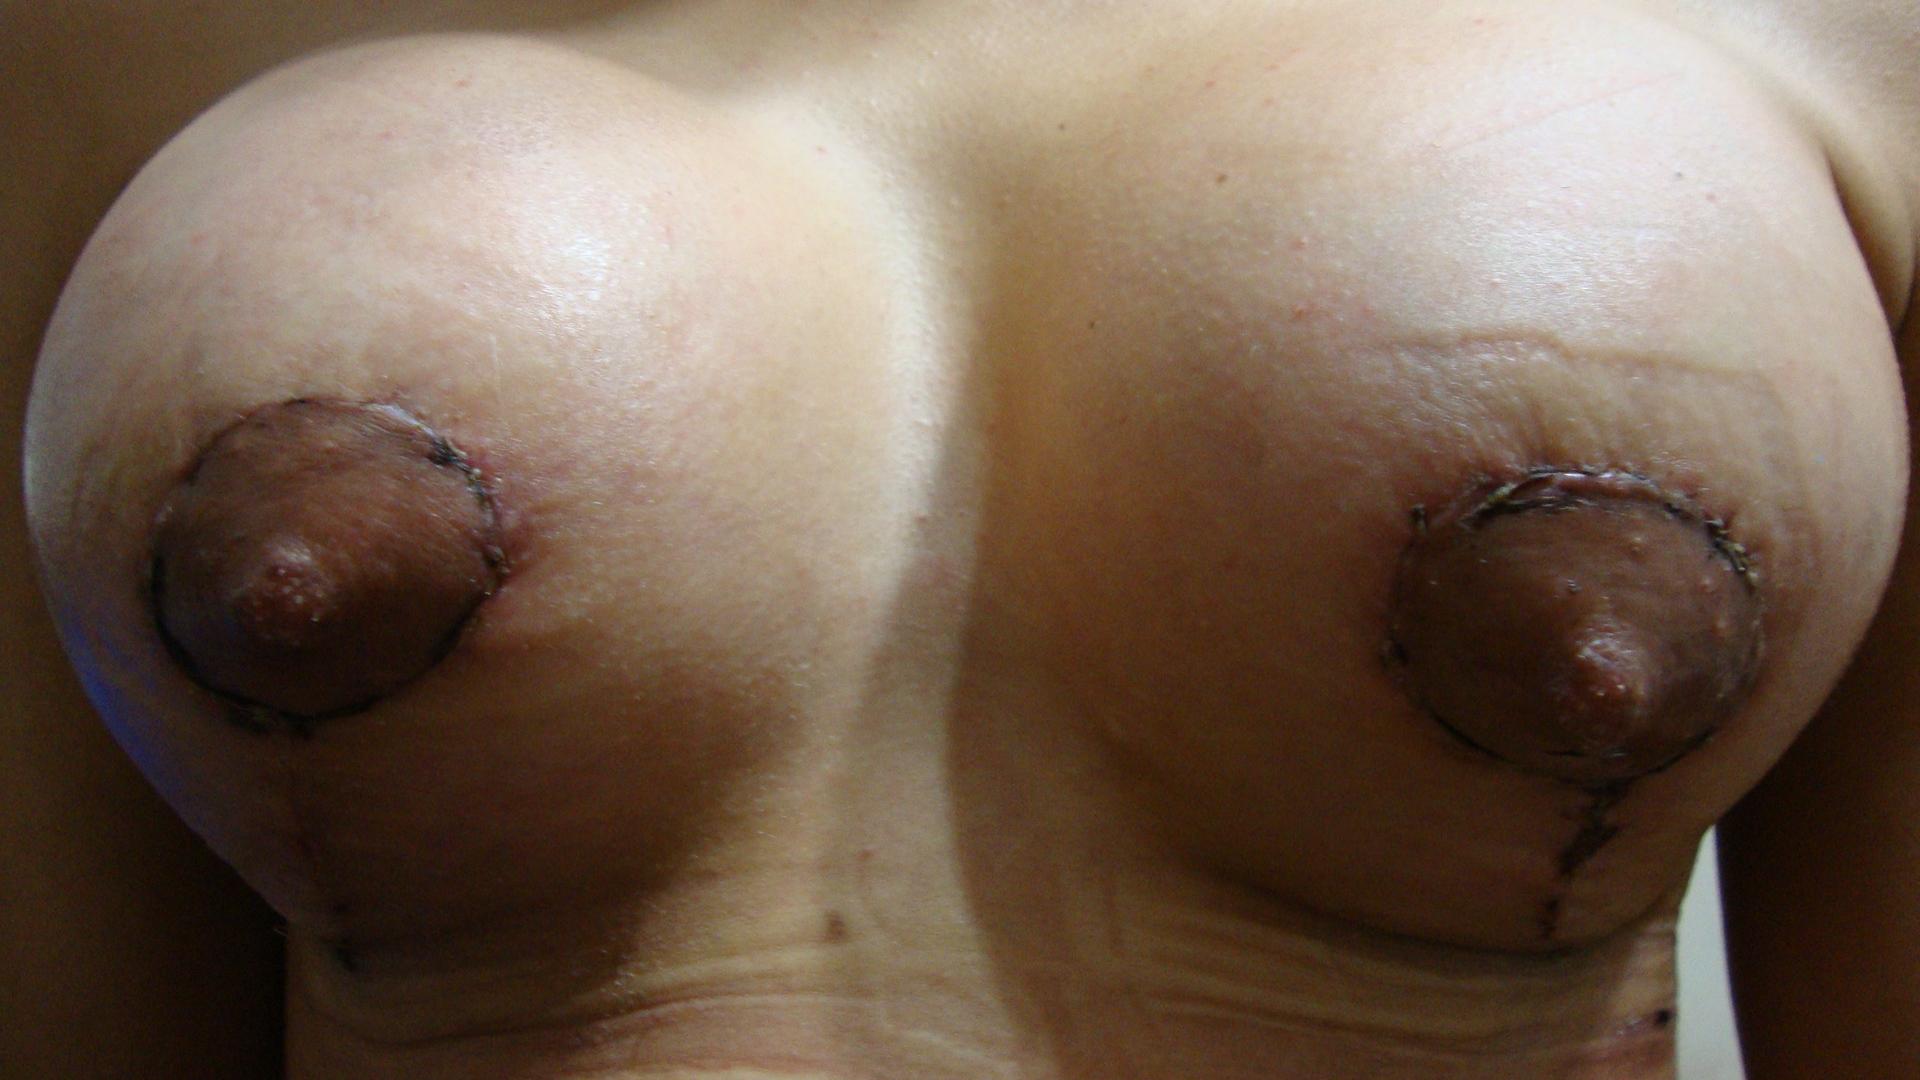 Pornografia de mulheres idosas com um pequeno peito